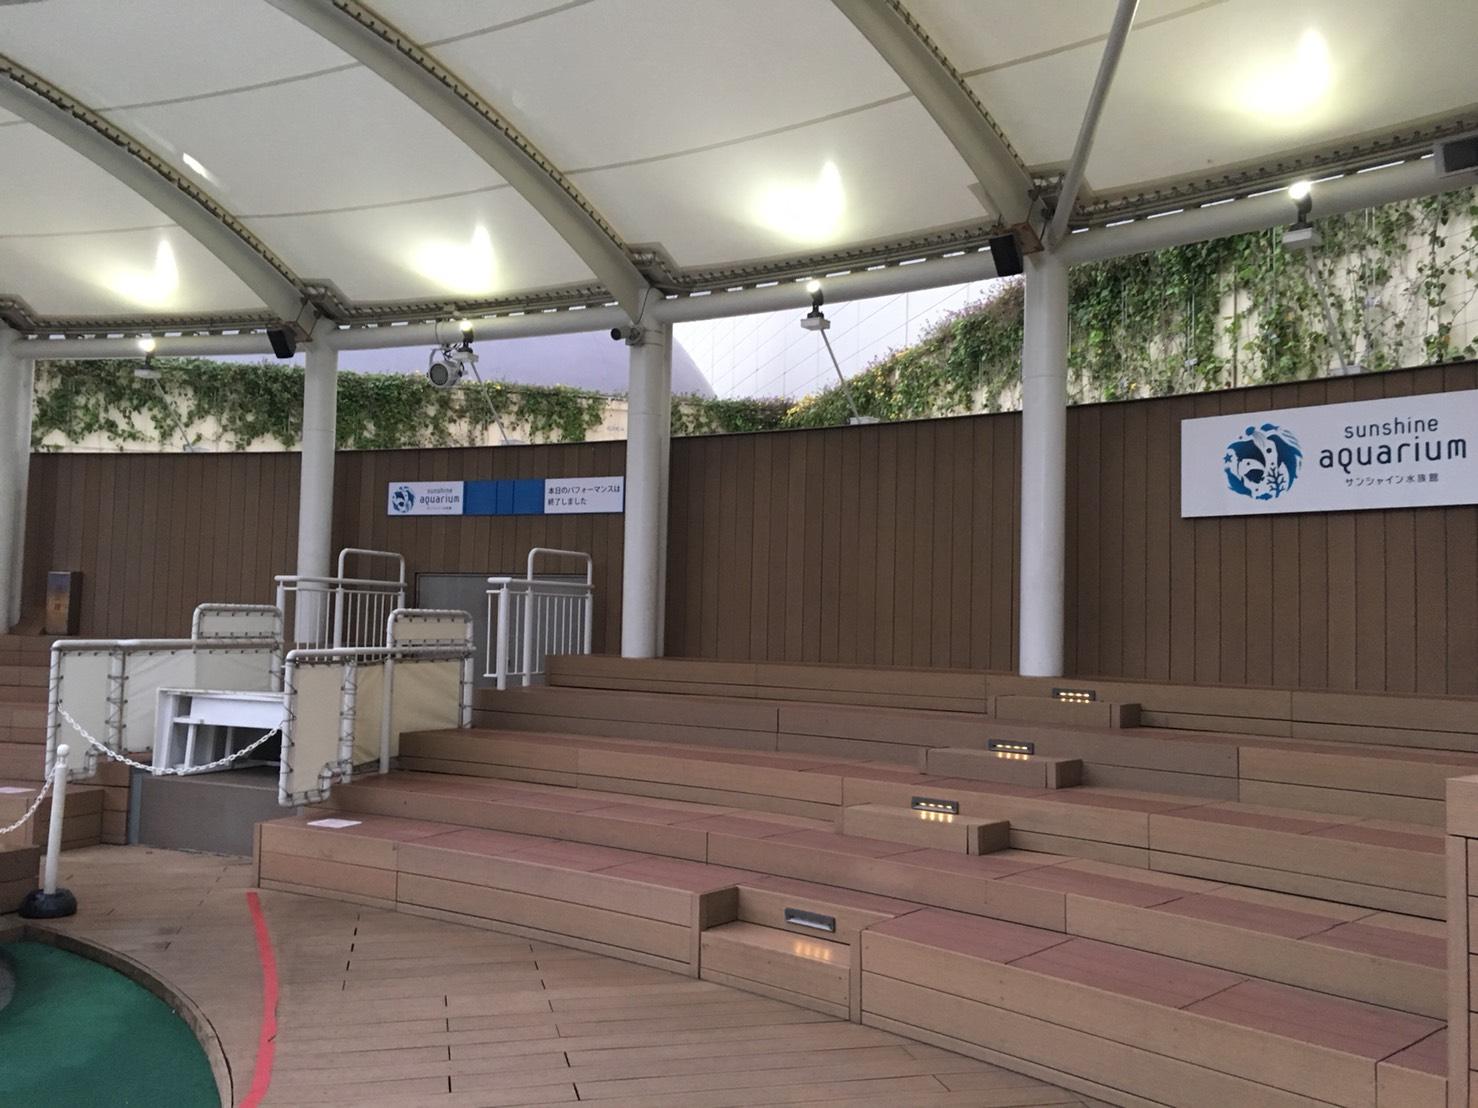 【池袋駅】「サンシャイン水族館」で癒されようよ!ほら早く!のイベント広場1